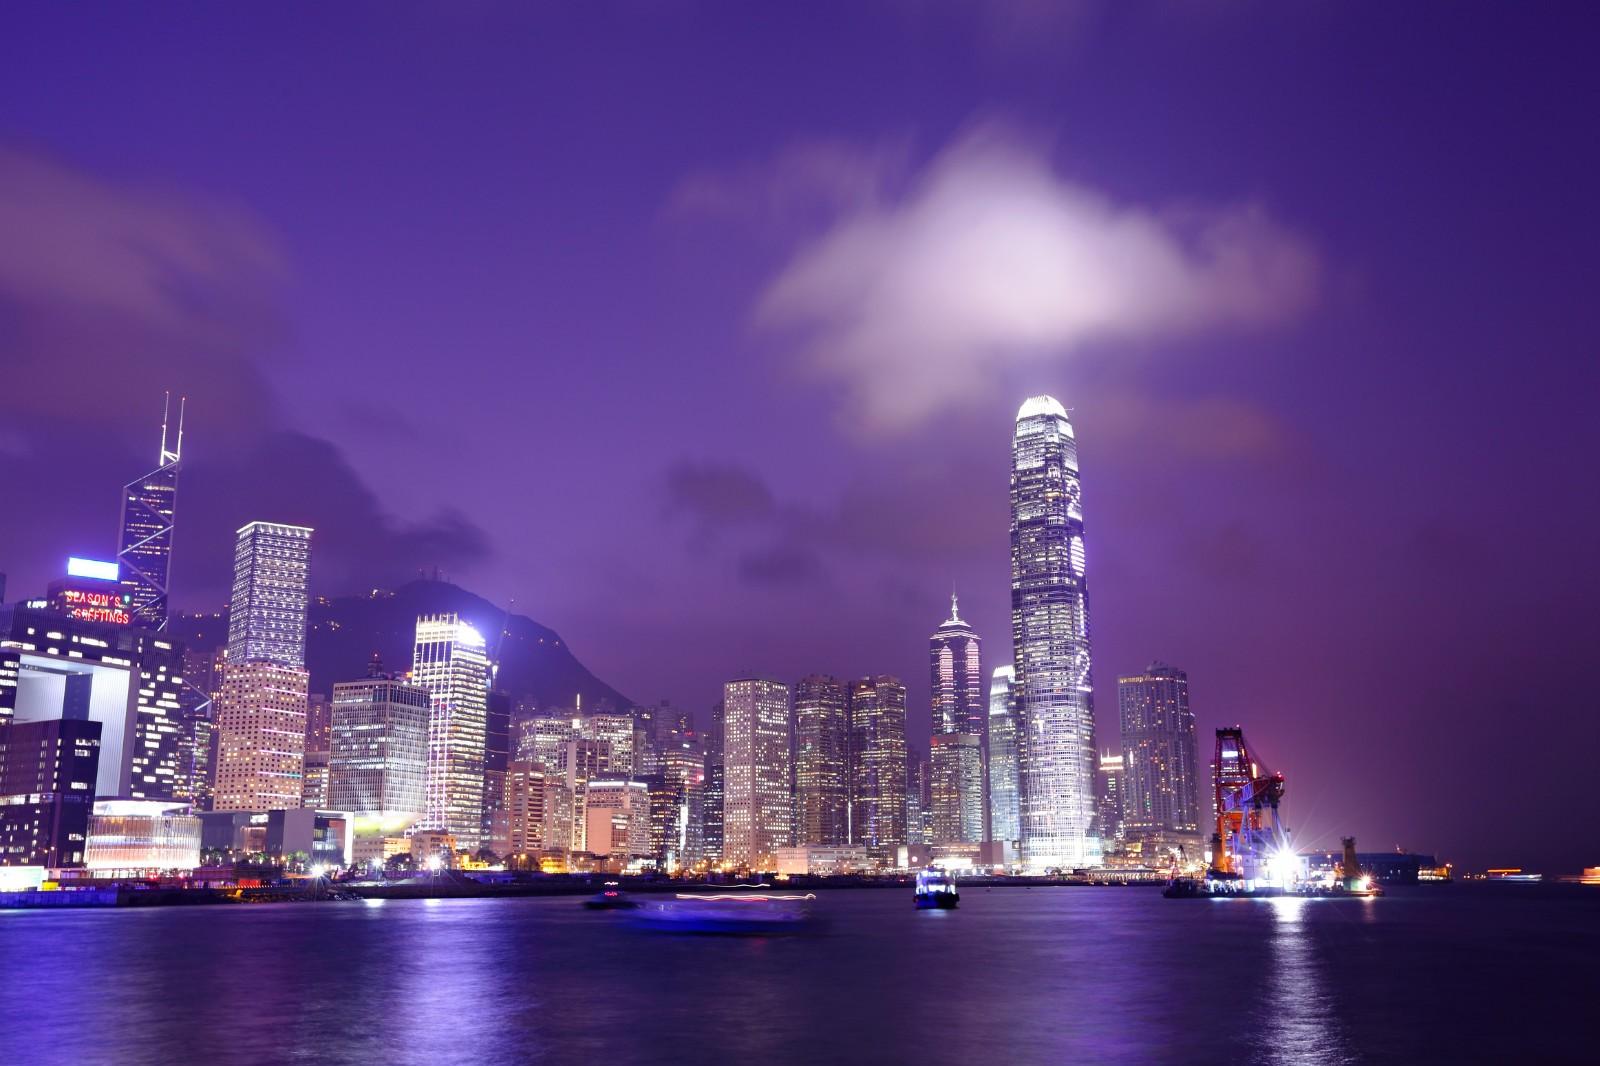 天津市代理记账公司共享简单享有税收优惠政策现行政策的伴随小技巧